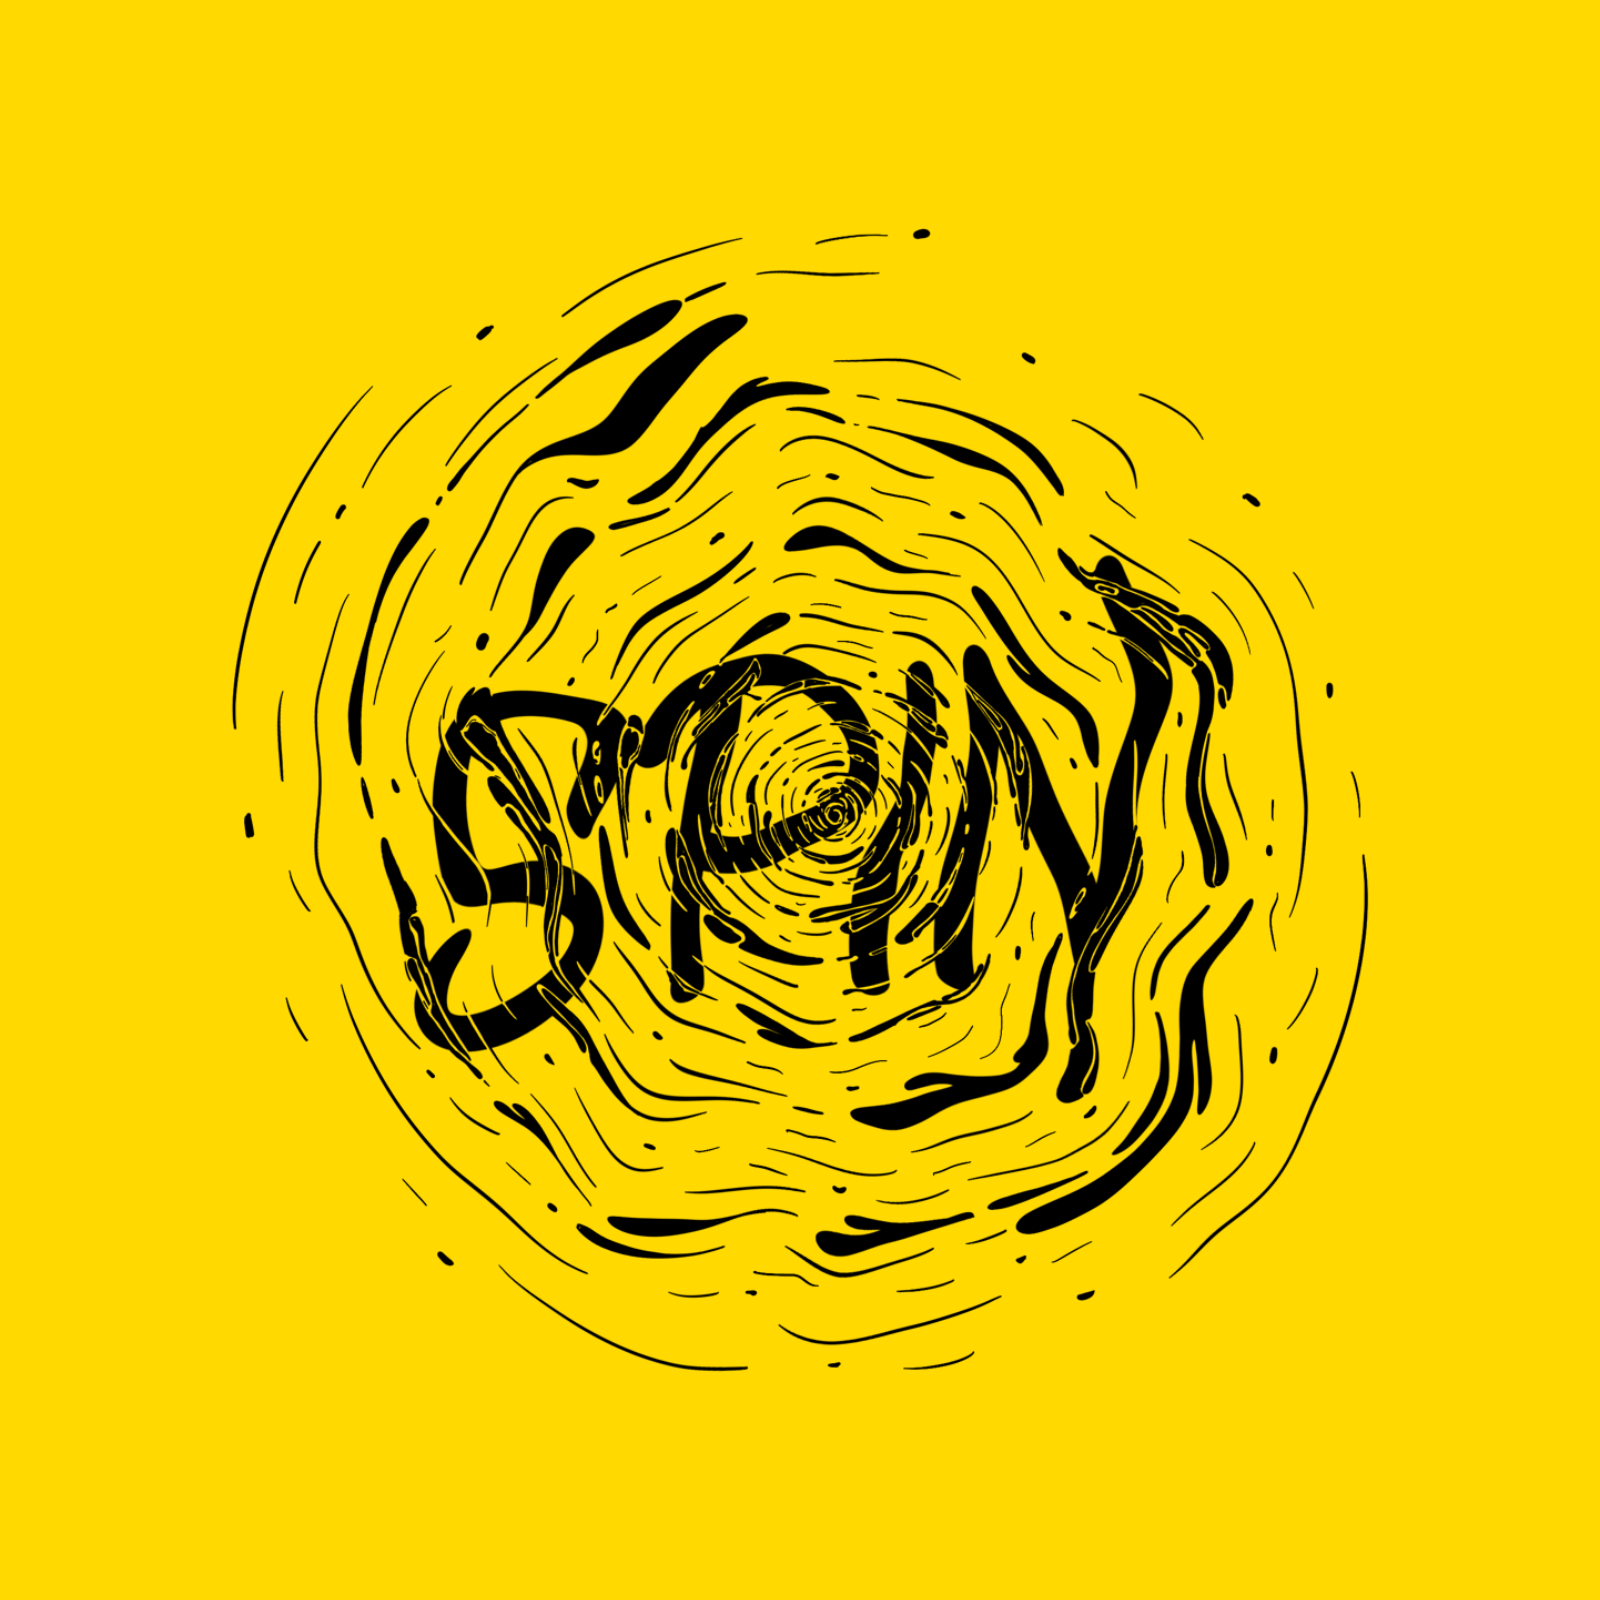 Expressive Lettering - Spin - Sooraj E